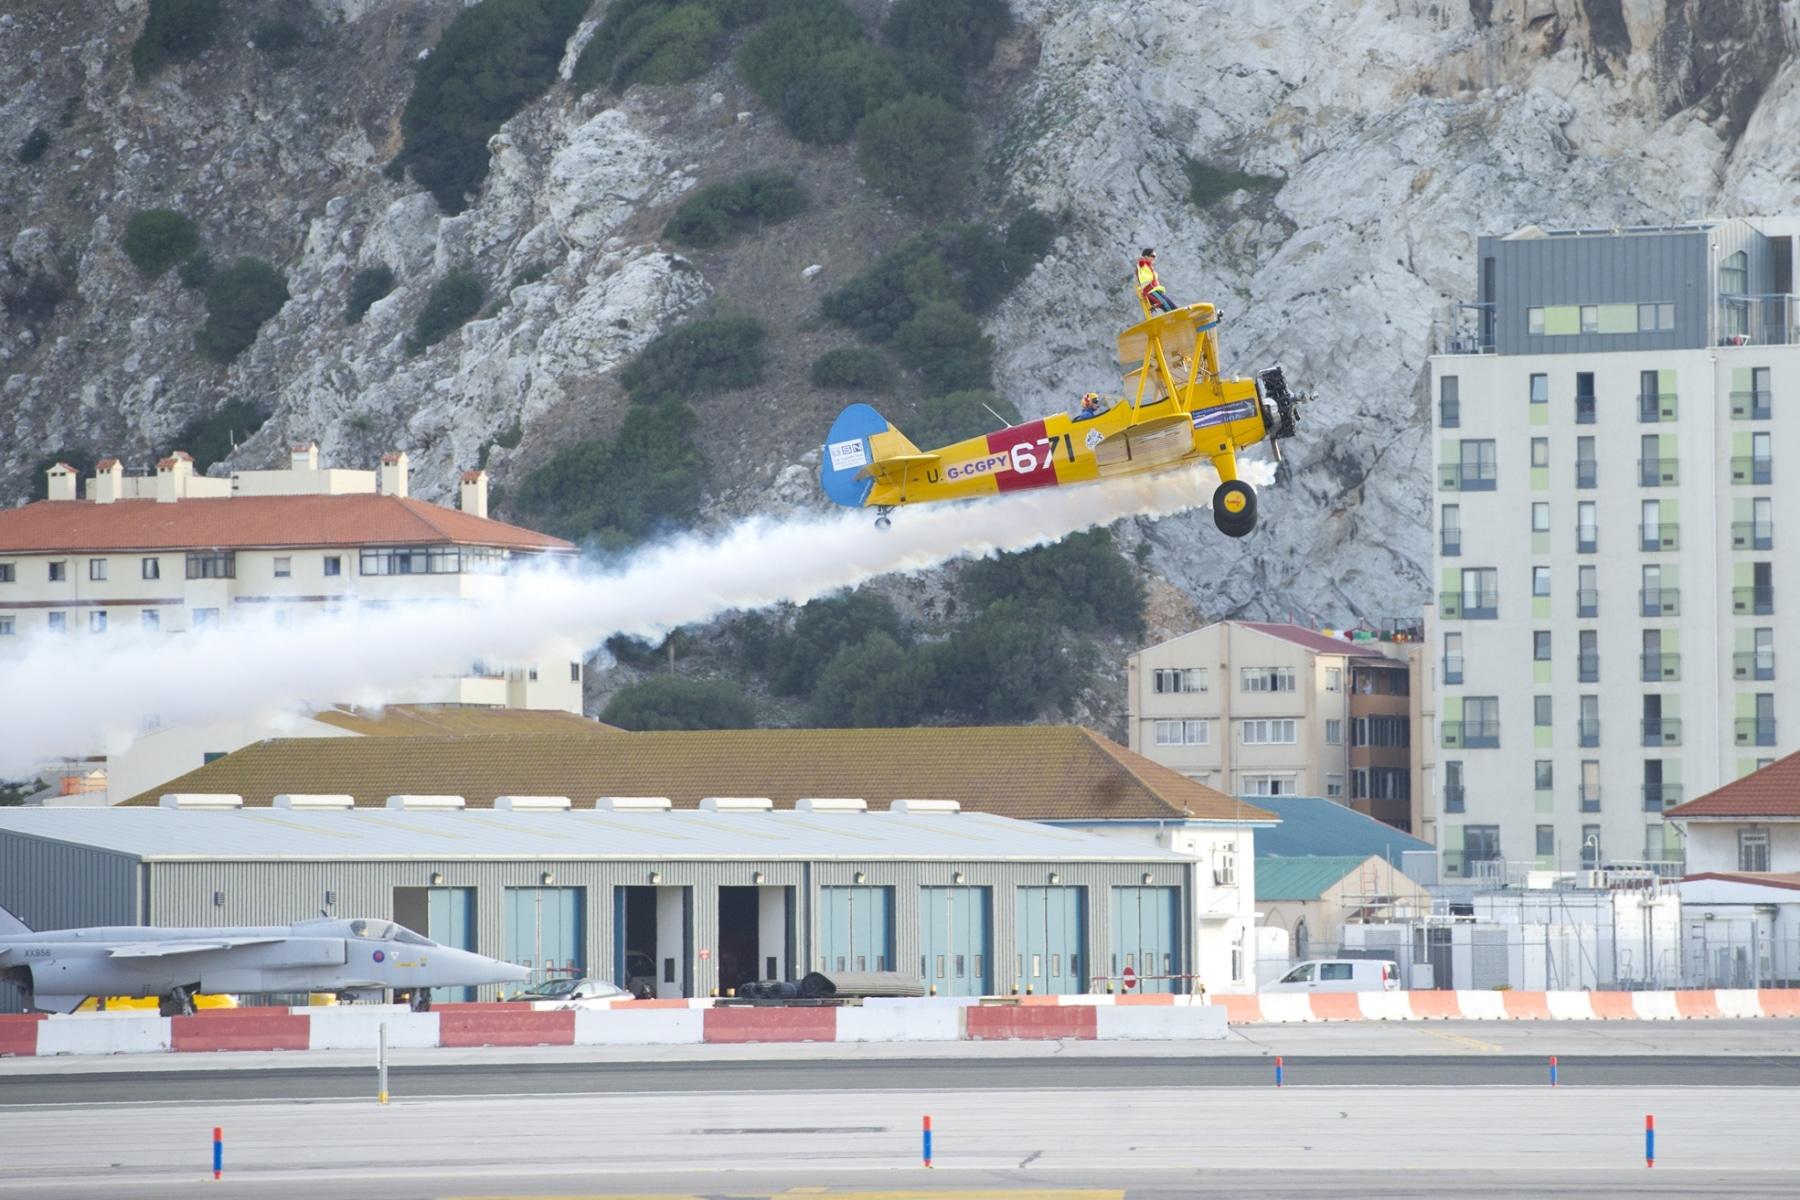 tom-lackey-acrobata-aereo-de-94-anos-en-gibraltar-10102014-28_15515850112_o